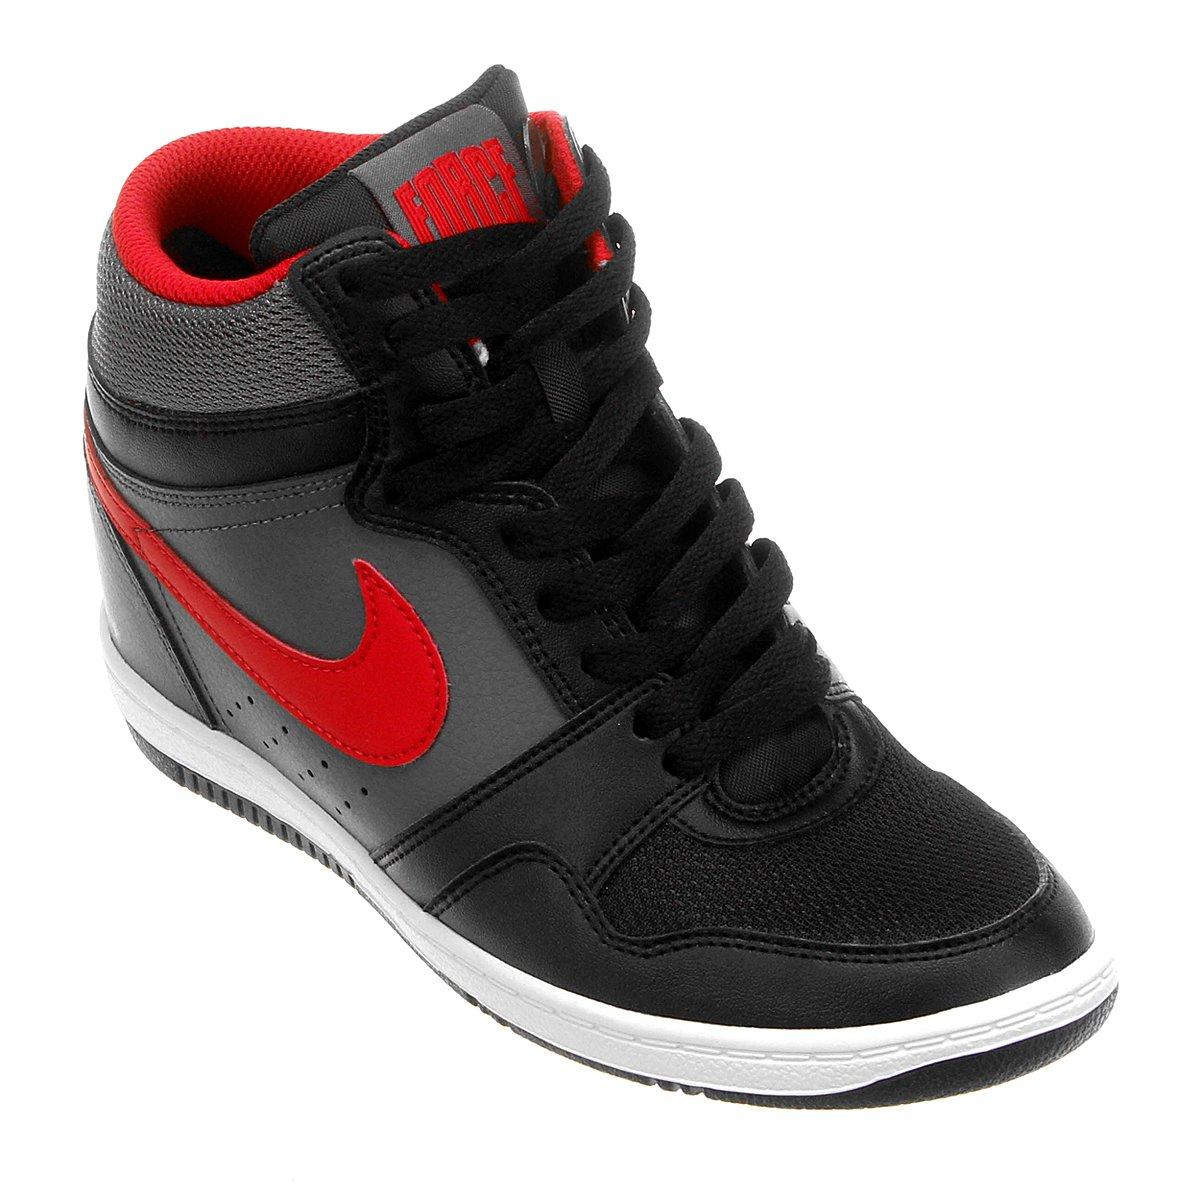 Tênis Nike Force Sky High - Compre Agora  7cea66cfd5e